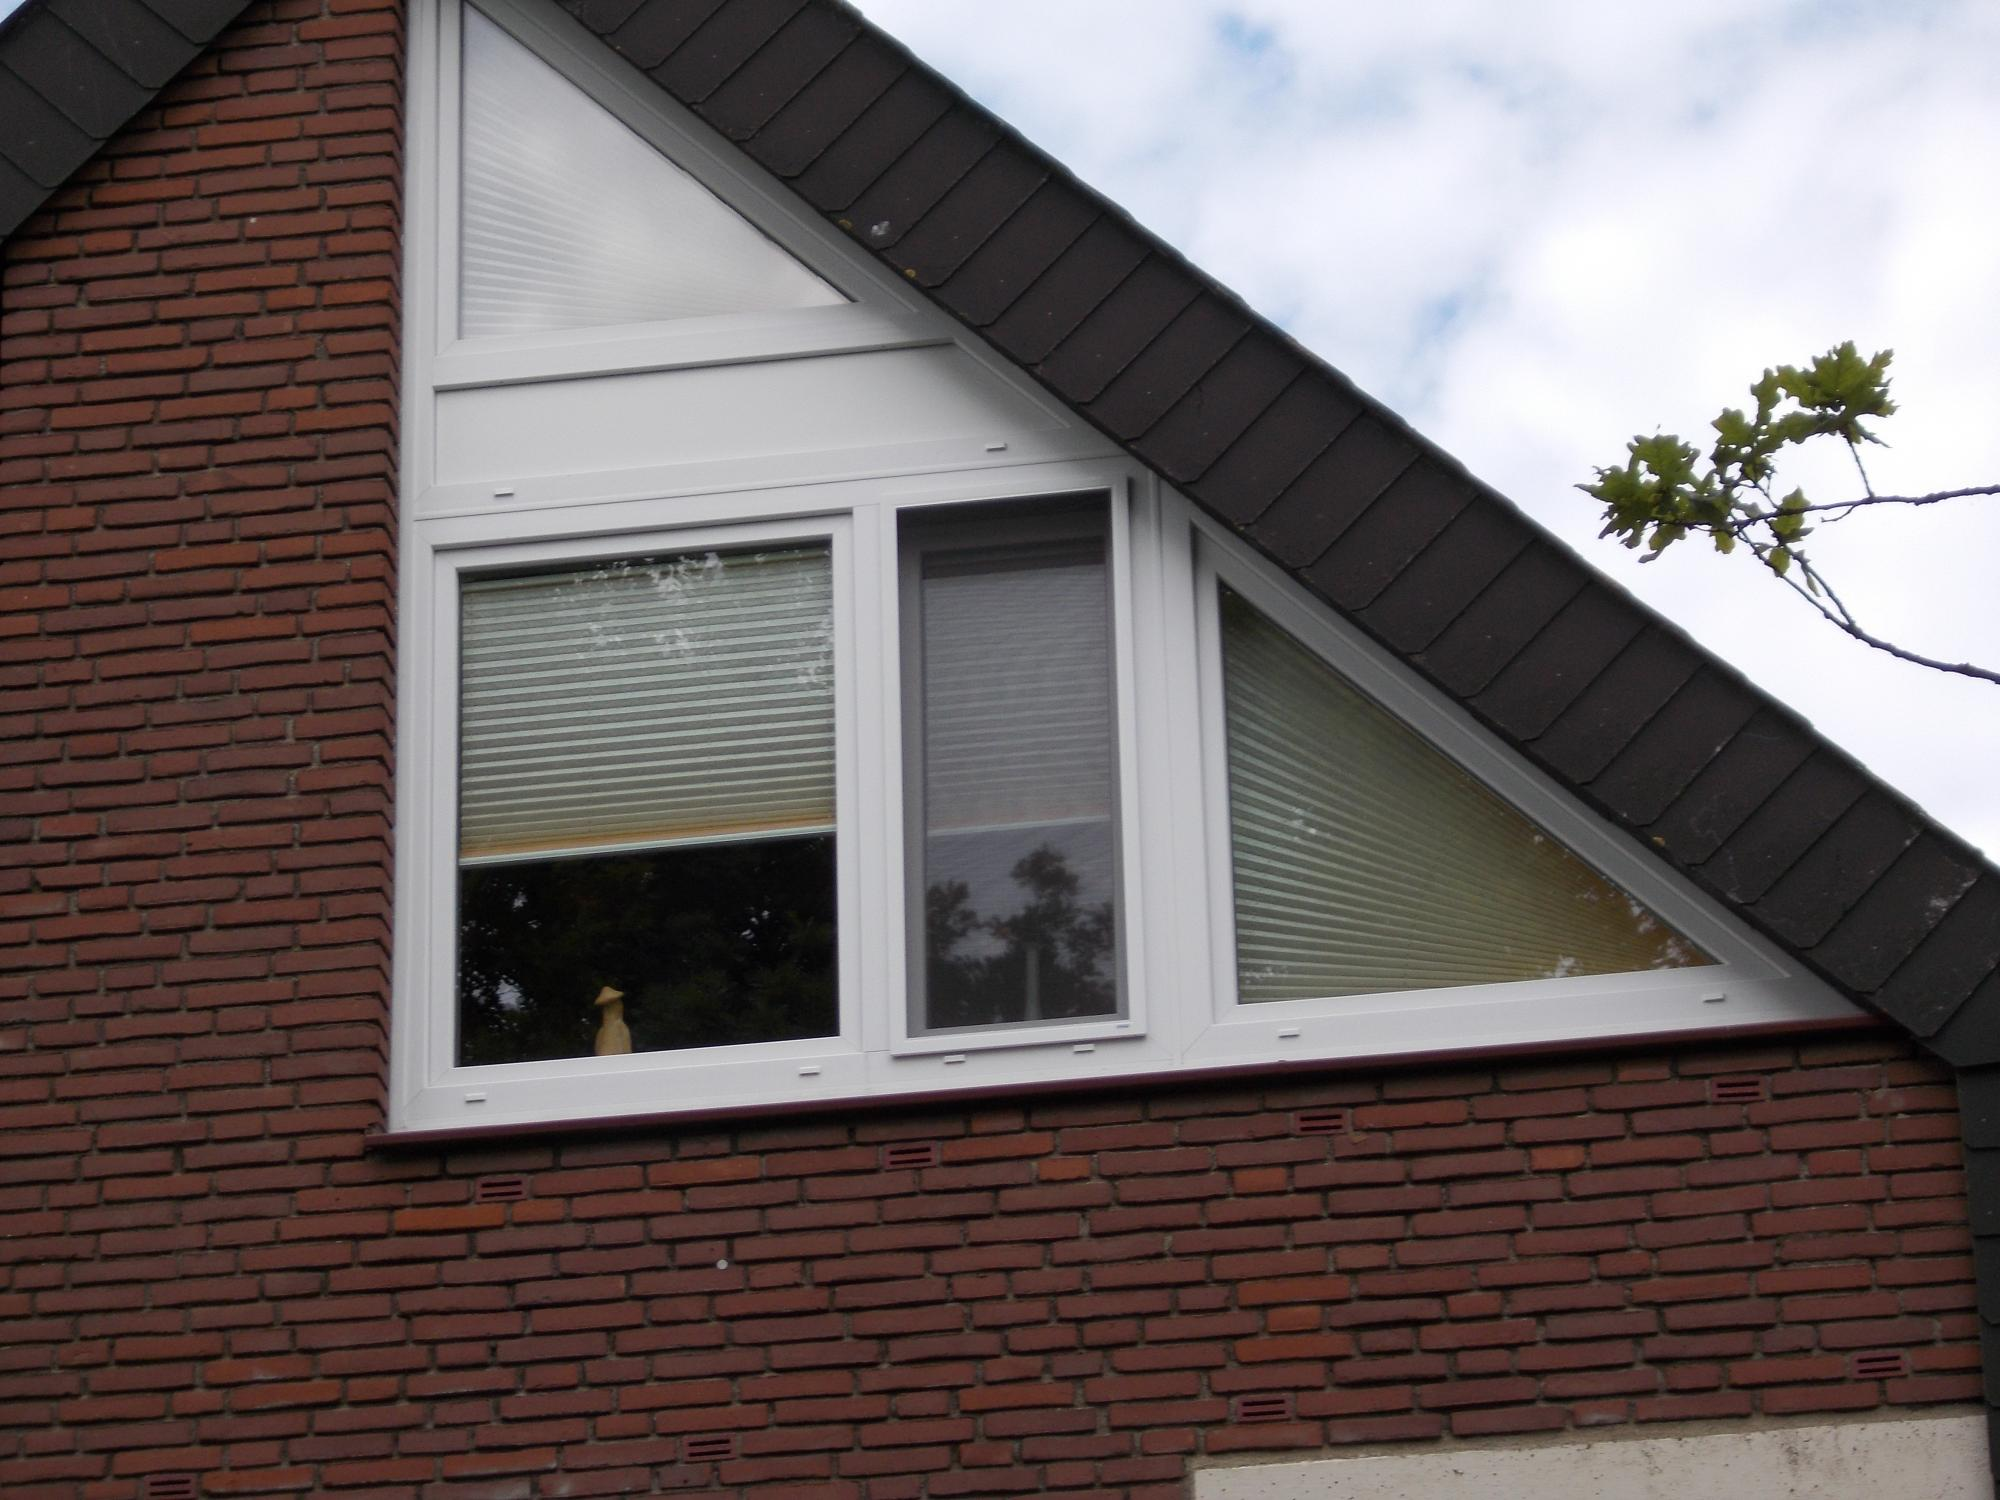 Full Size of Meyervoss Neue Fenster Aus Bremen Fliegengitter Maßanfertigung Velux Rollo Einbruchsicher Nachrüsten Beleuchtung Einbruchsicherung Türen Fenster Fenster Bremen